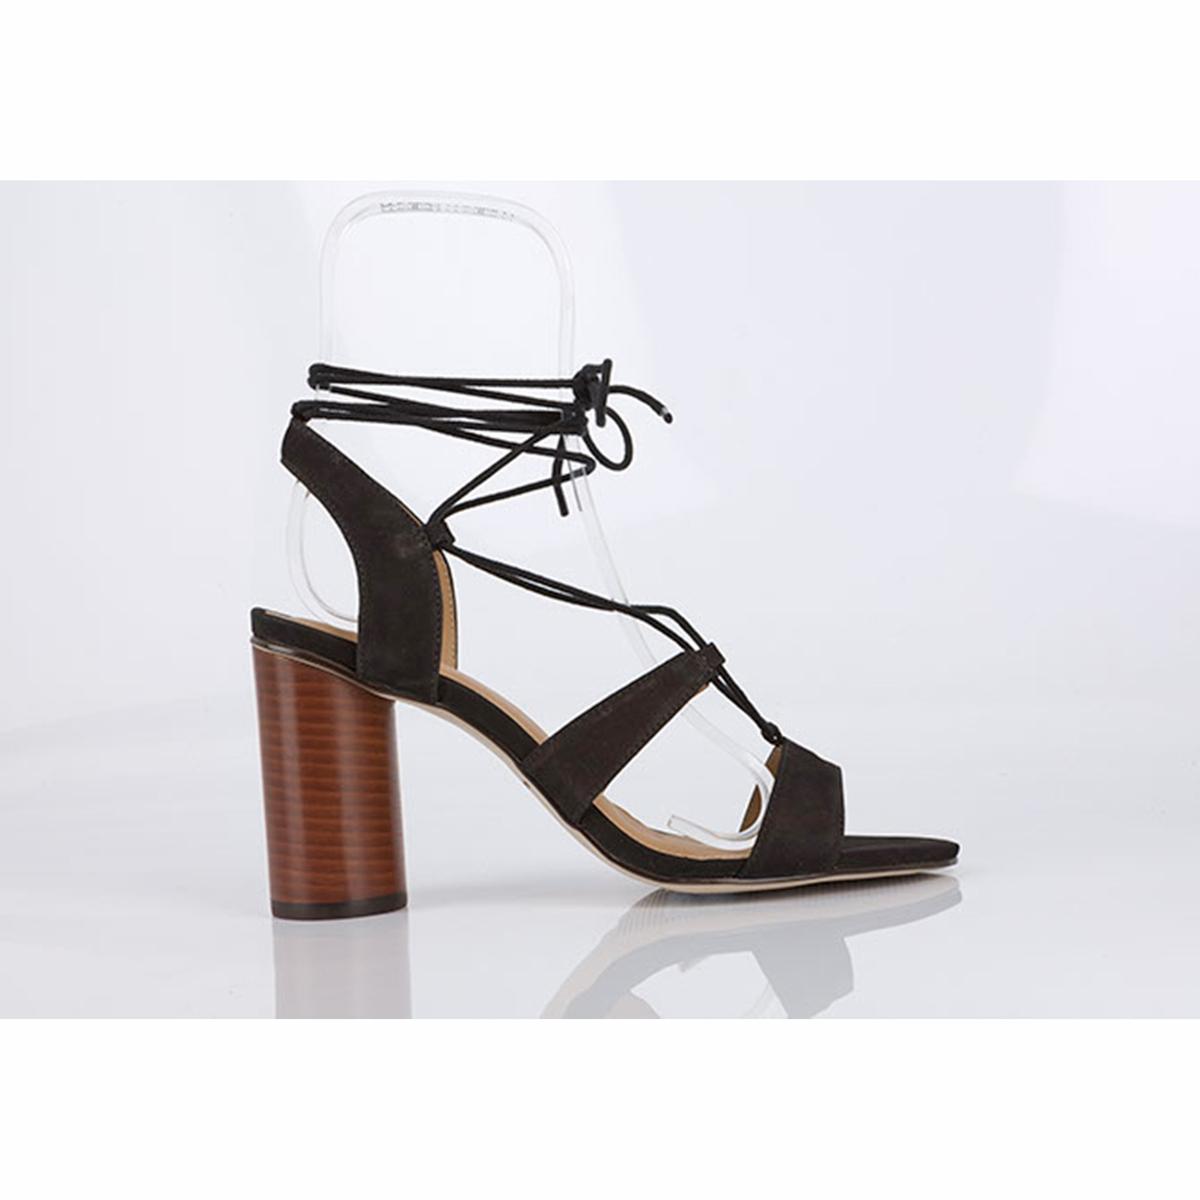 Босоножки кожаные BruneВерх/Голенище : кожа.    Подкладка : кожа.    Стелька : кожа.    Подошва : синтетика    Высота каблука : 9,5 см    Форма каблука : тонкий каблук    Мысок : закругленный    Застежка : завязки.<br><br>Цвет: черный<br>Размер: 39.36.37